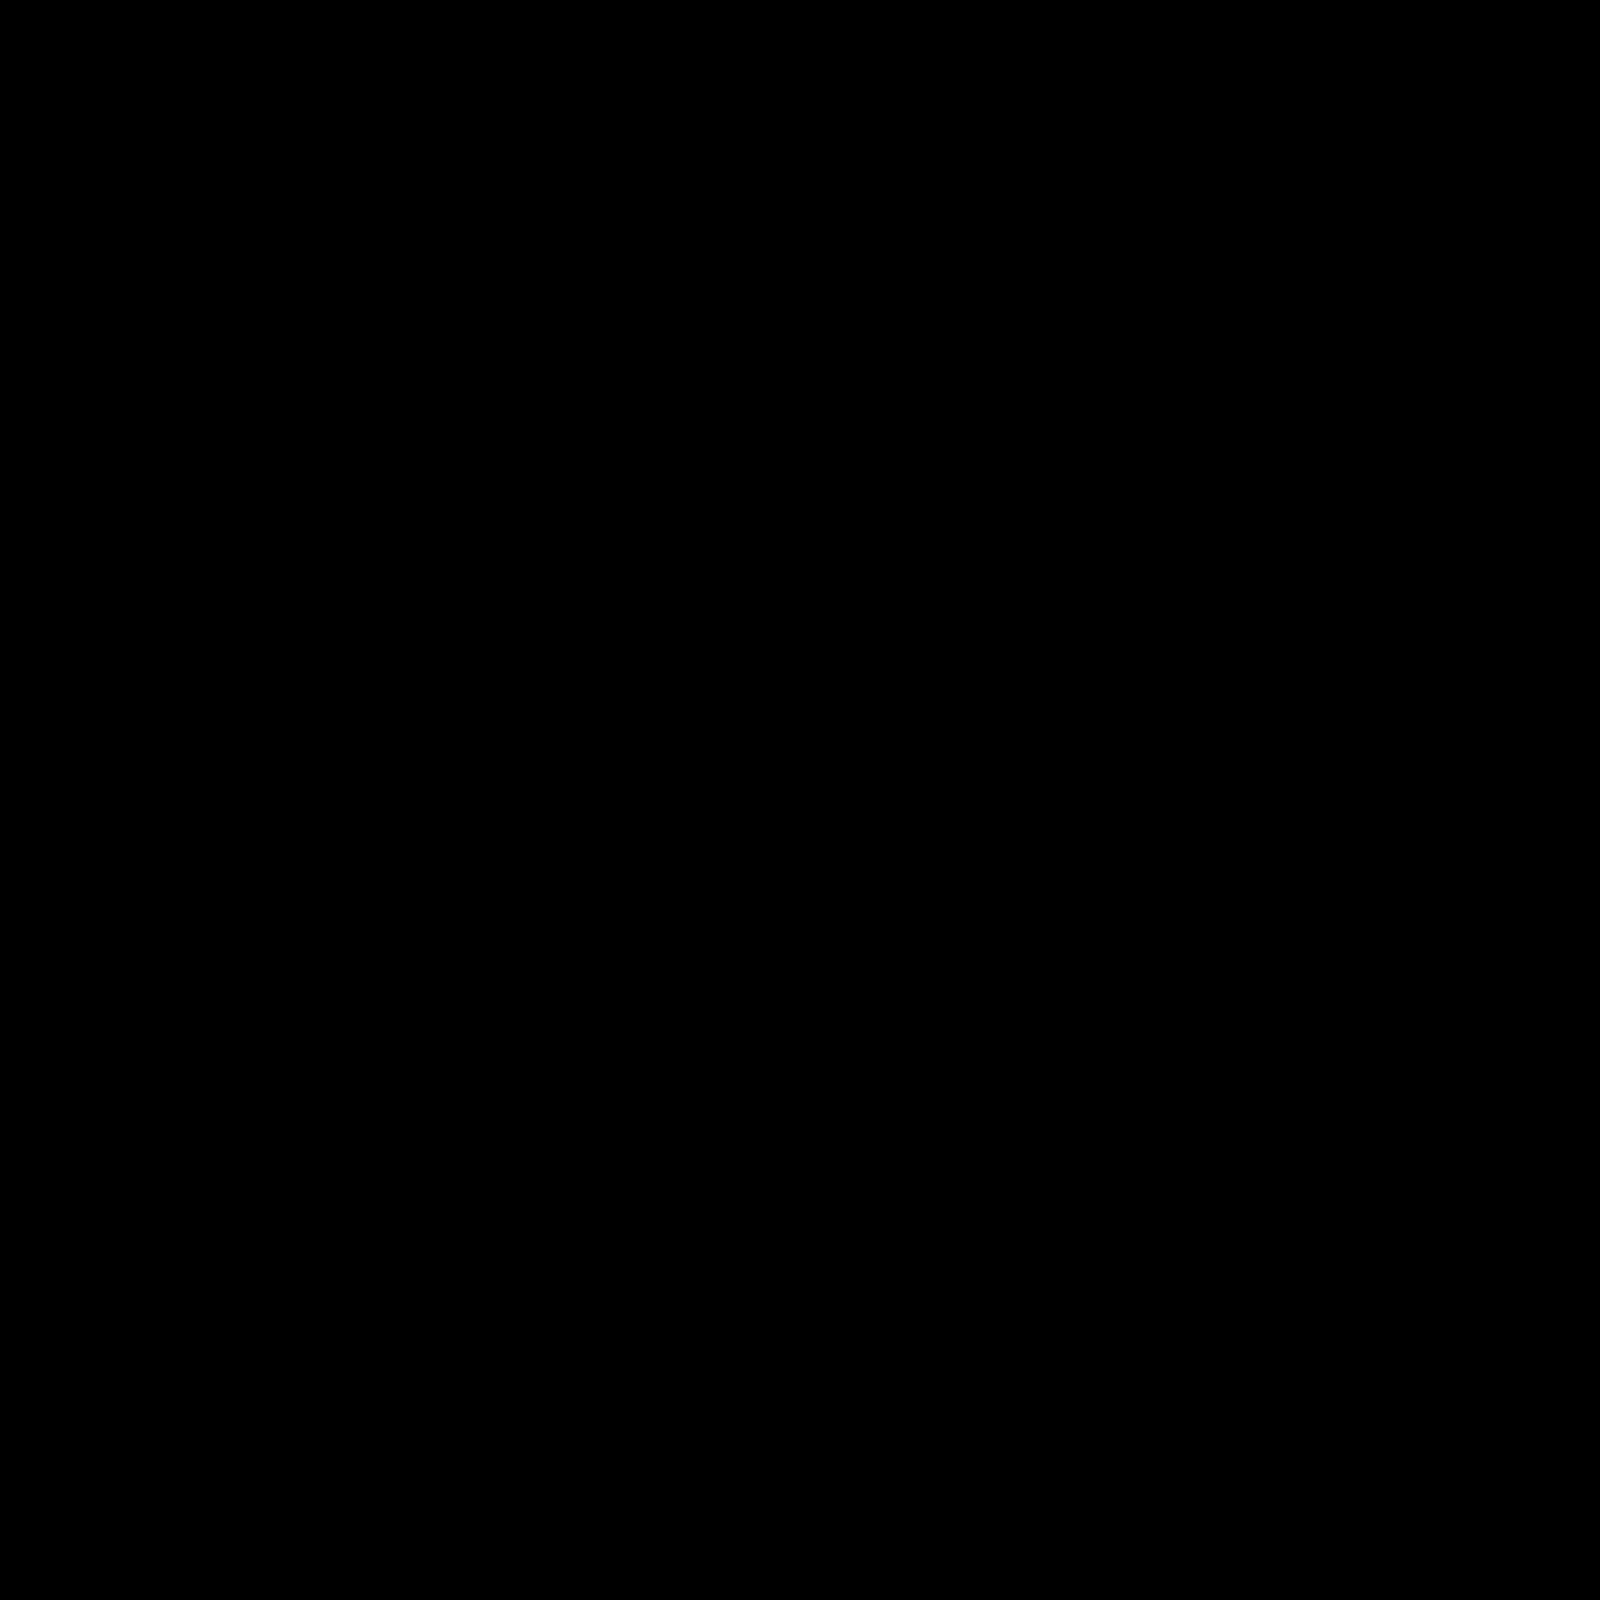 補充禁止 icon. It's an icon with a paint bucket about halfway tipped over.  There is liquid running out of the bucket because it is tipped partially over.  There is a slash line running through the middle of the paint bucket starting at the top left through the bottom right.